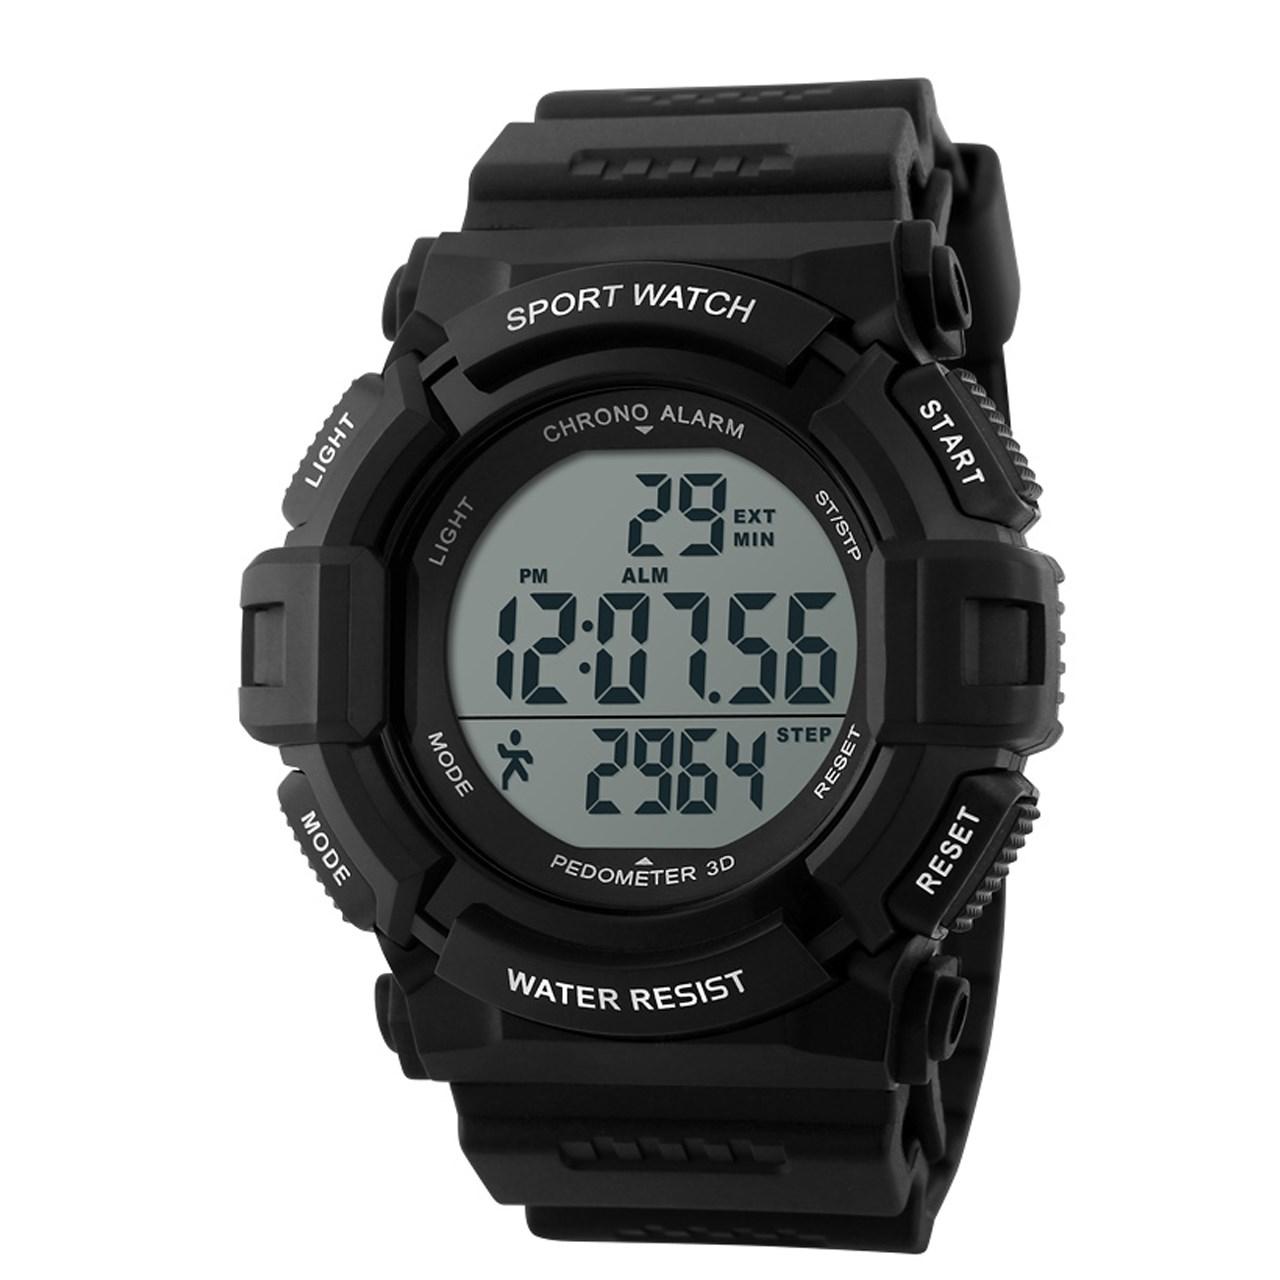 ساعت مچی دیجیتال اسکمی مدل 1116-BL 7